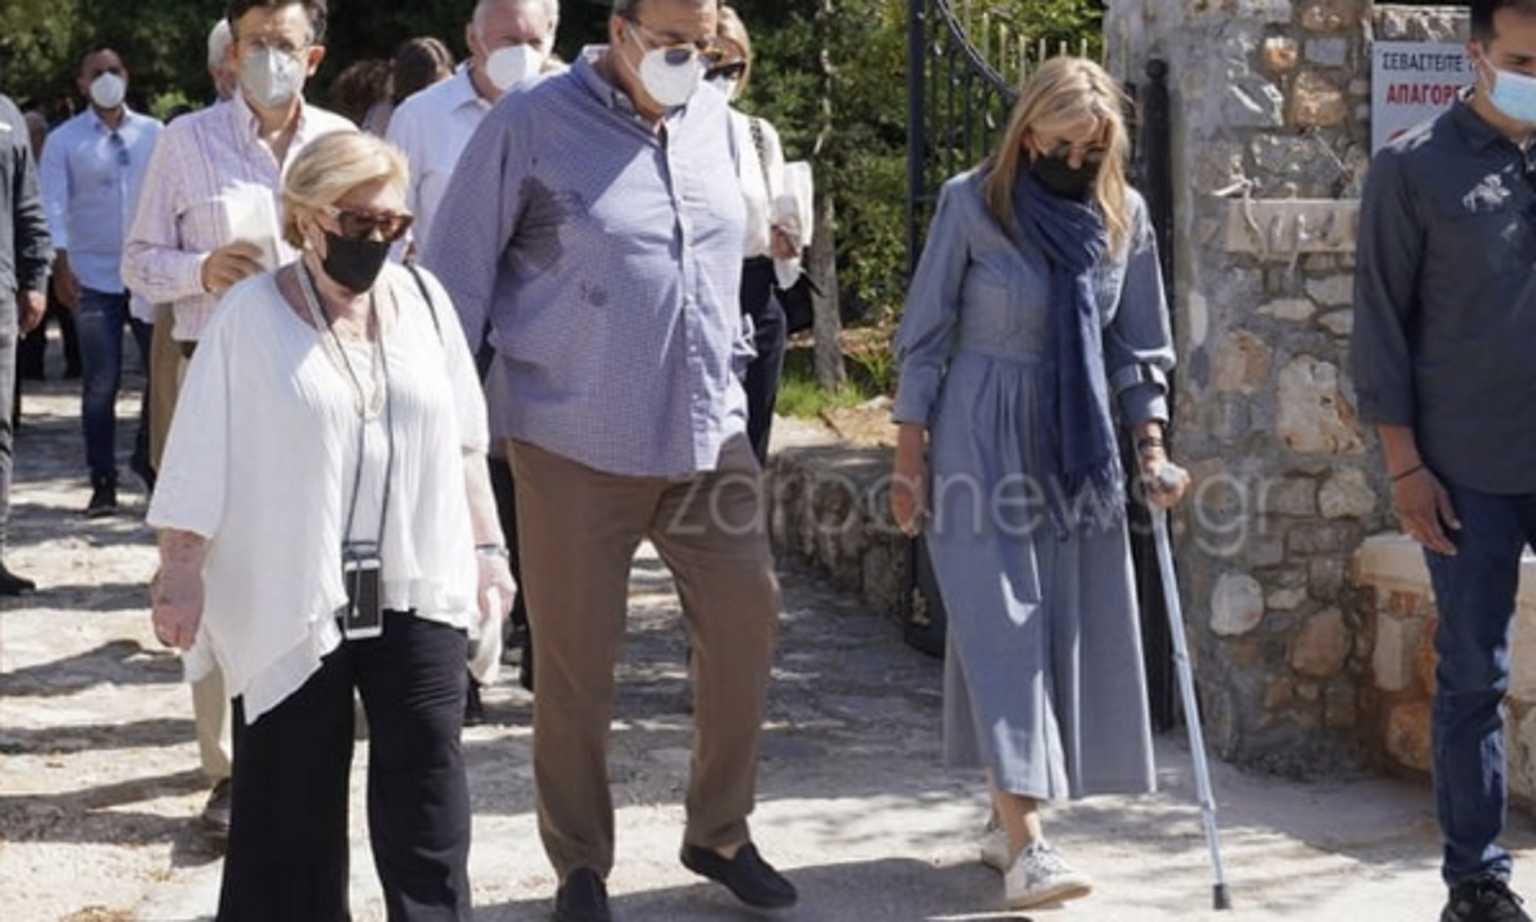 Μαρέβα Μητσοτάκη: Με μπαστούνι στο μνημόσυνο του Κωνσταντίνου Μητσοτάκη (pics)